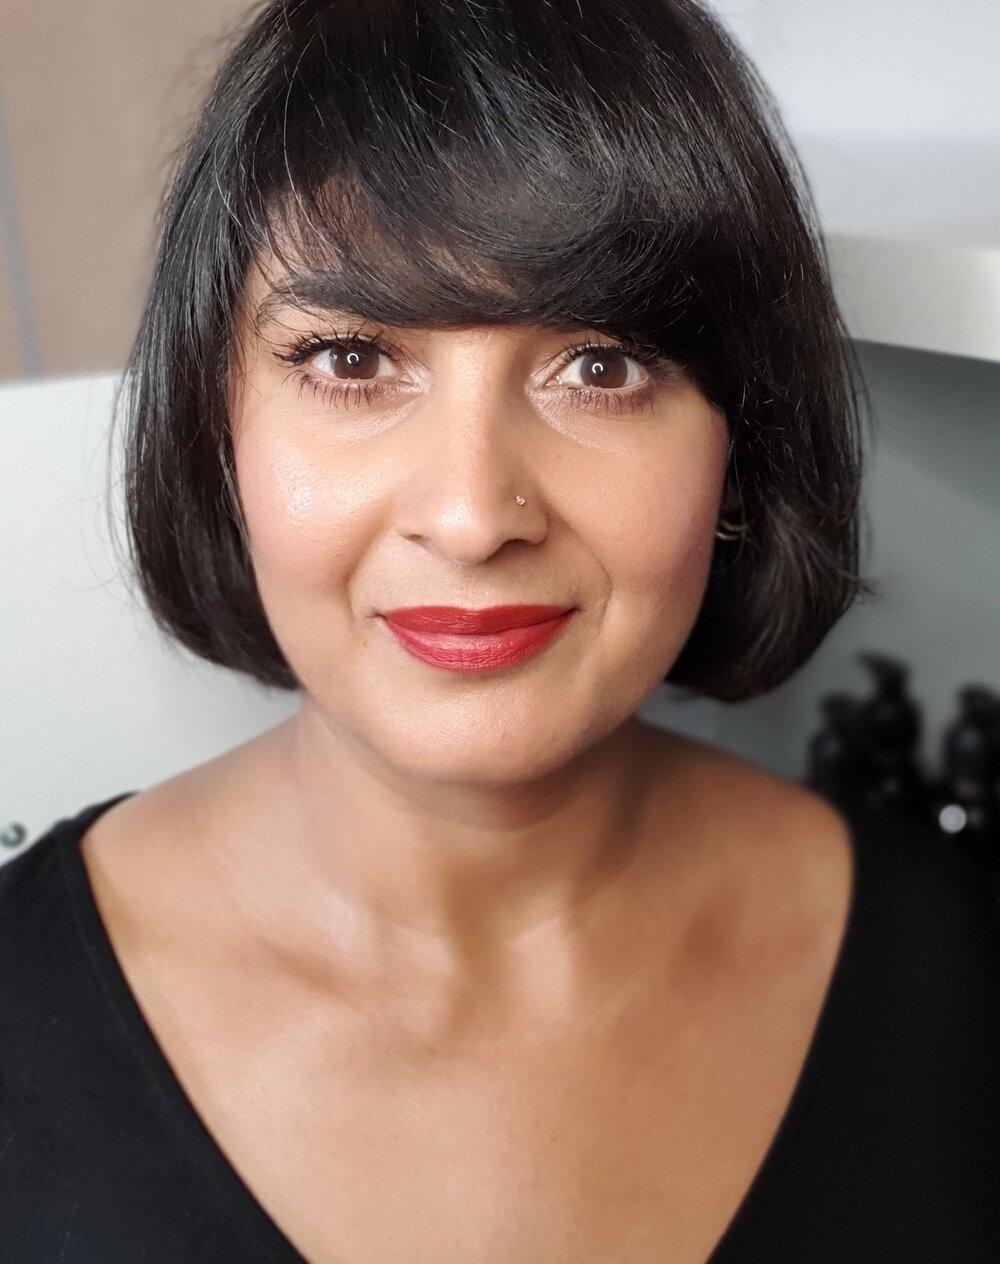 Sofia Latif, Founder of Sofia Latif Oils